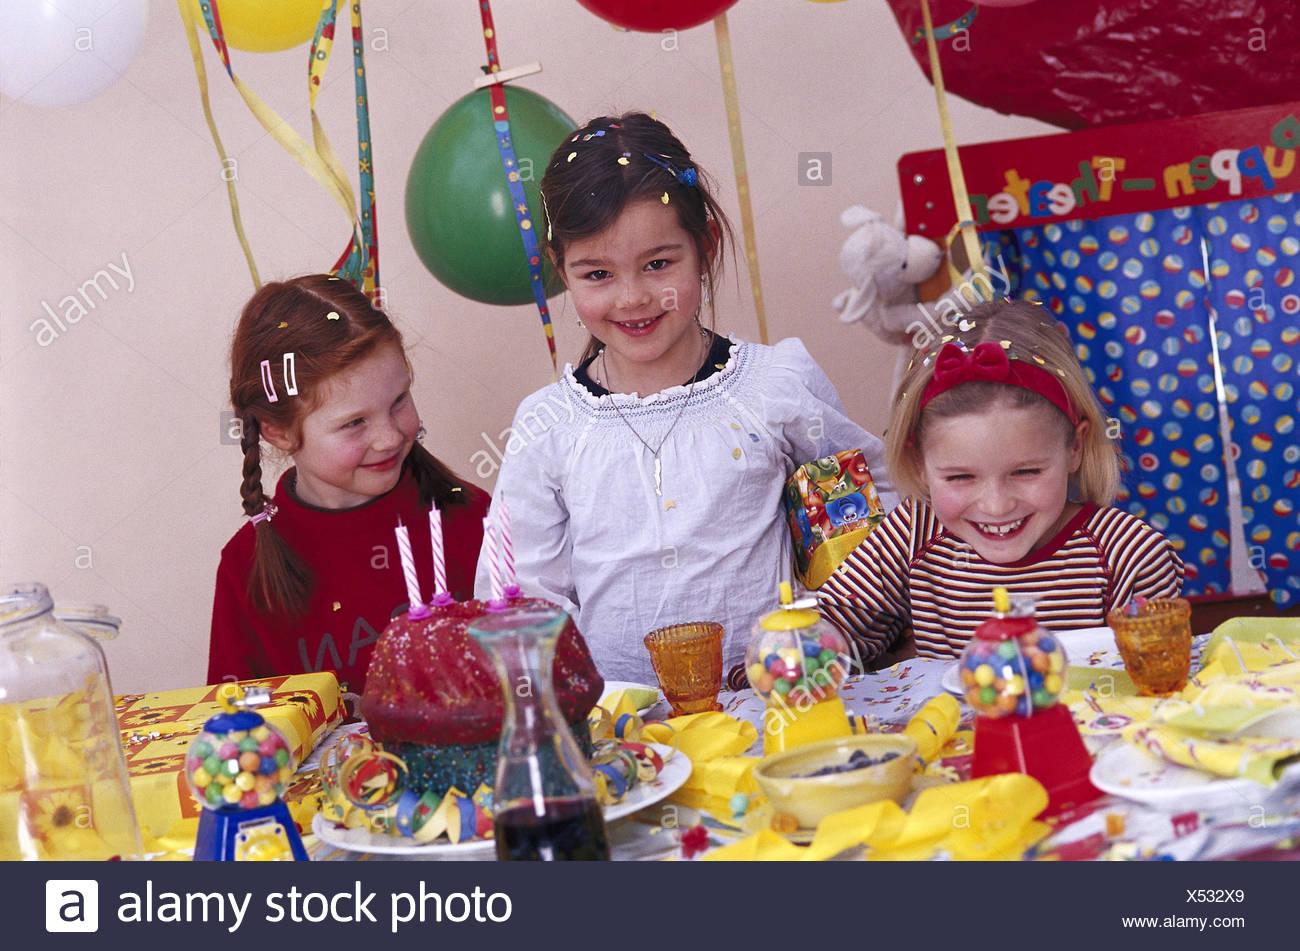 Childrens birthday party girl present birthday celebration